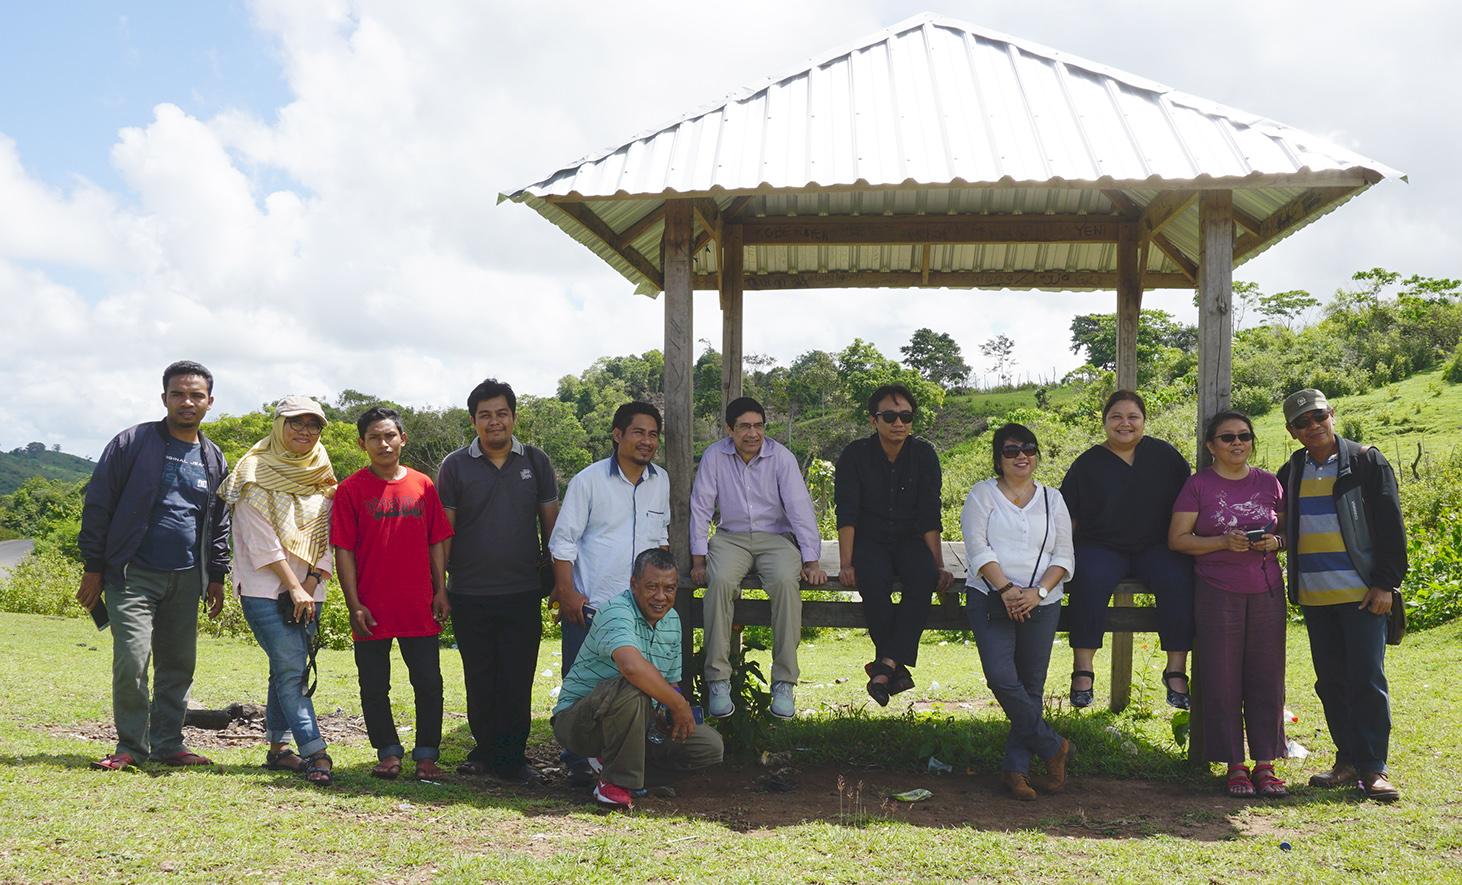 Gambar dari judul : Support Mission WB untuk DGM-I di Sumbawa